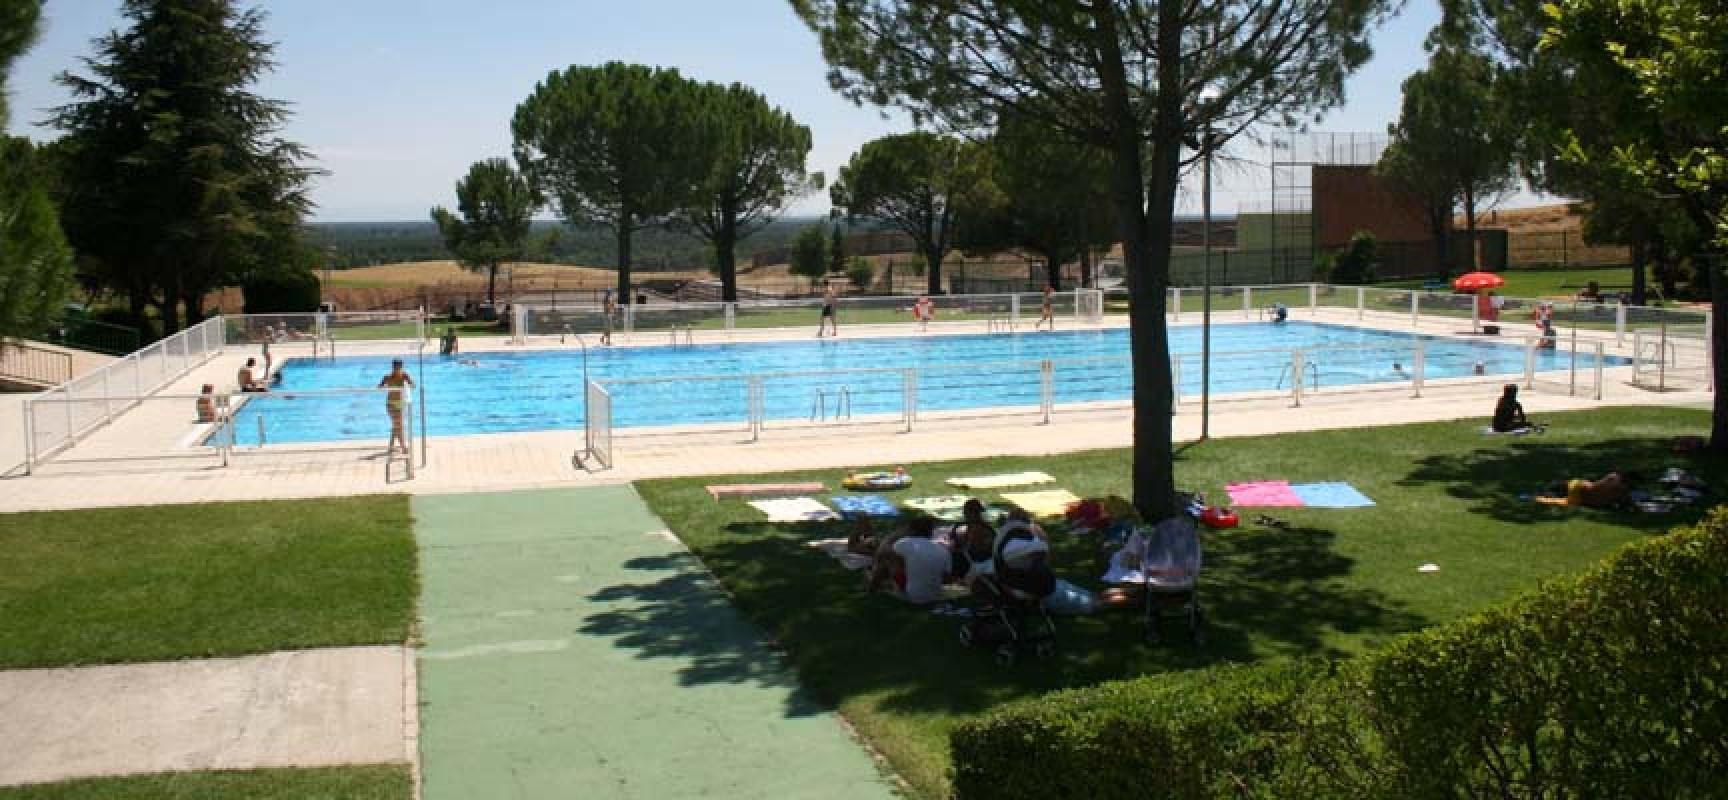 La oficina t cnica inicia la valoraci n de los planes for Empresas que construyen piscinas